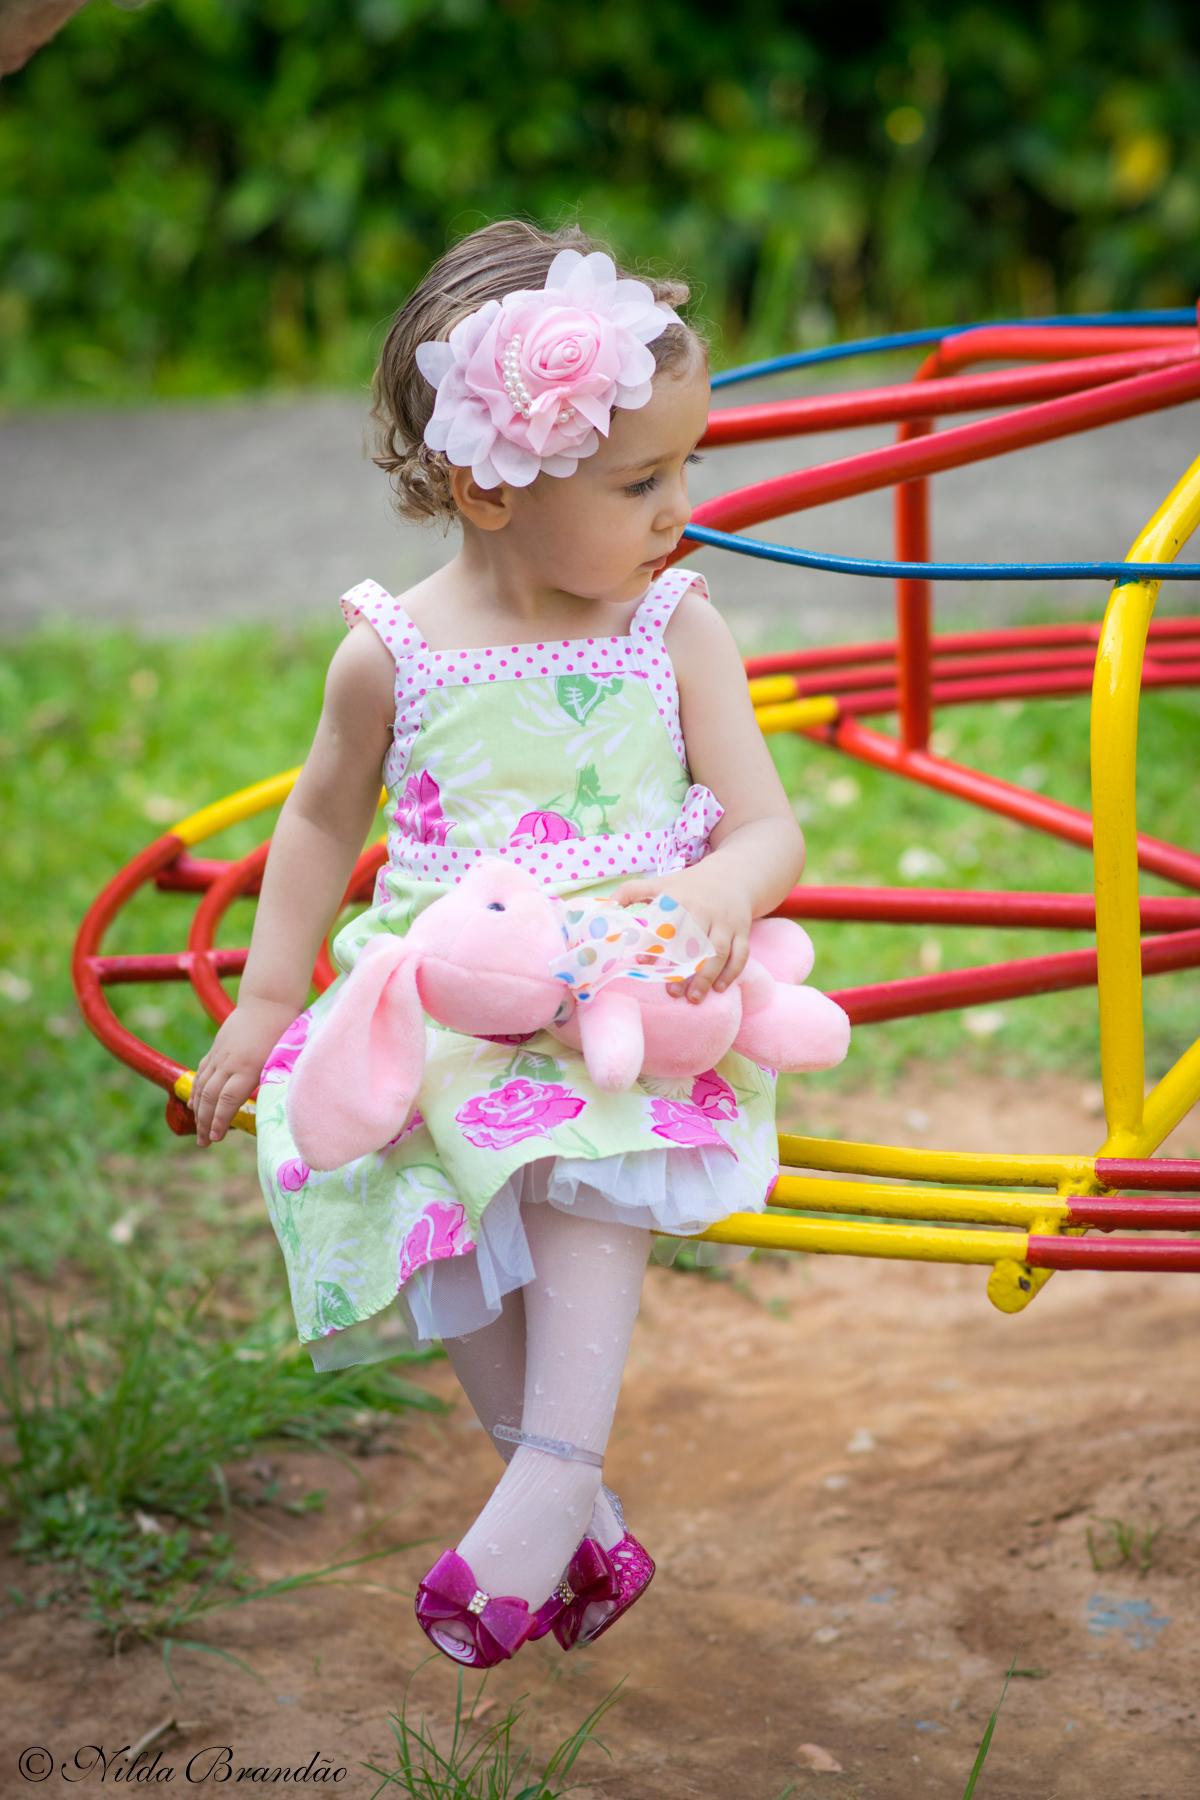 Menina sentada no brinquedo com seu coelhinho no colo usando um lindo enfeite de cabelo.